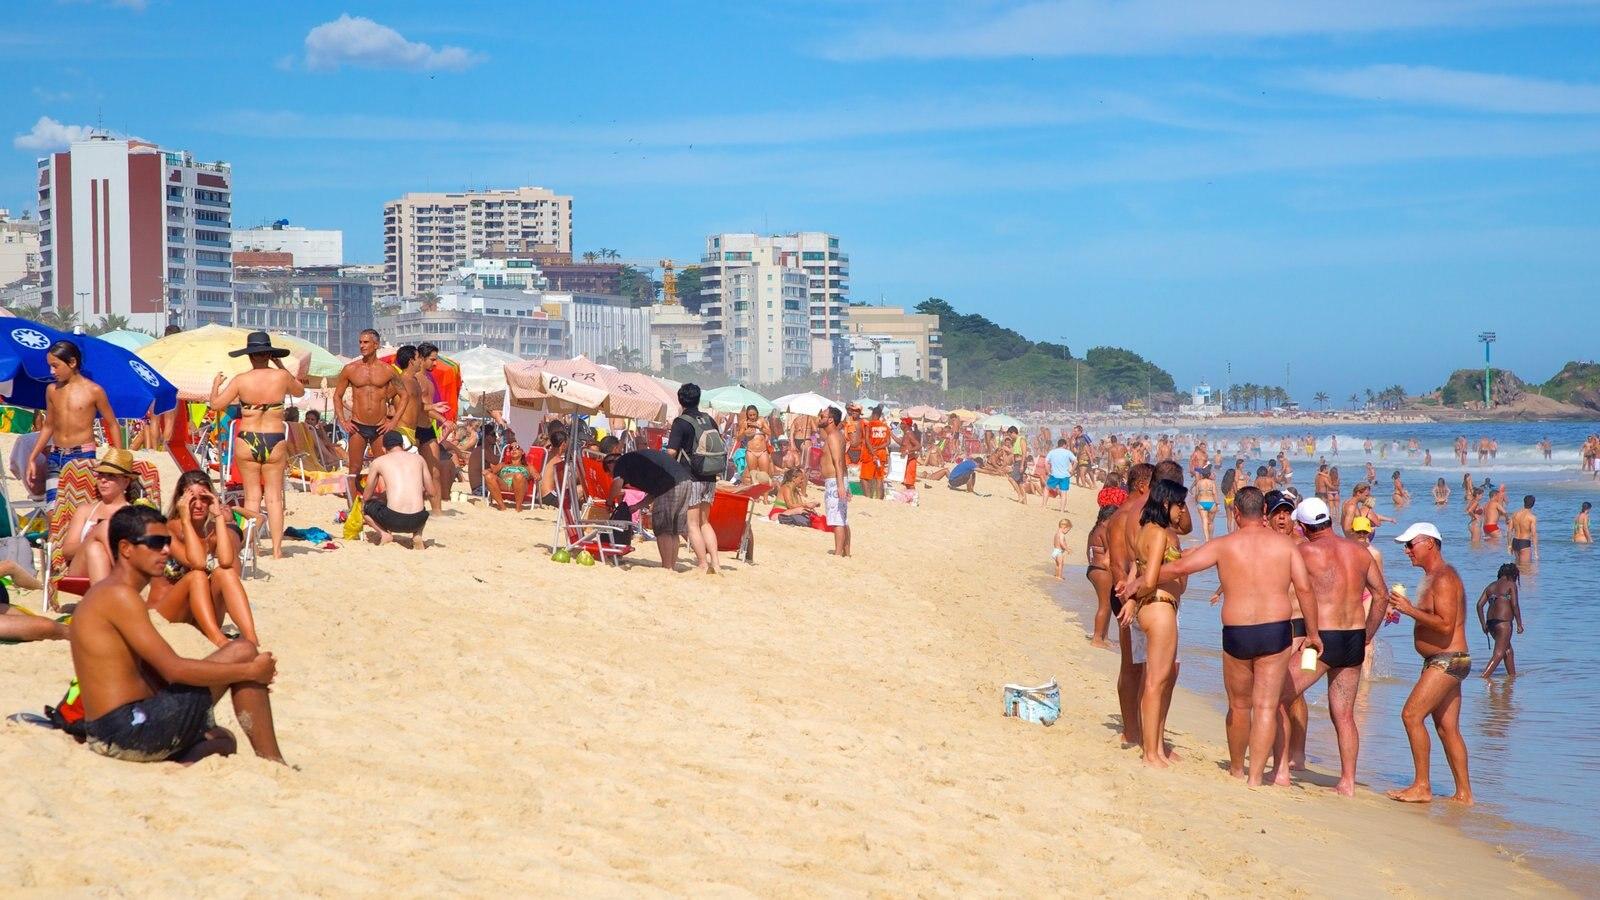 Rio de Janeiro que inclui uma praia e uma cidade litorânea assim como um grande grupo de pessoas